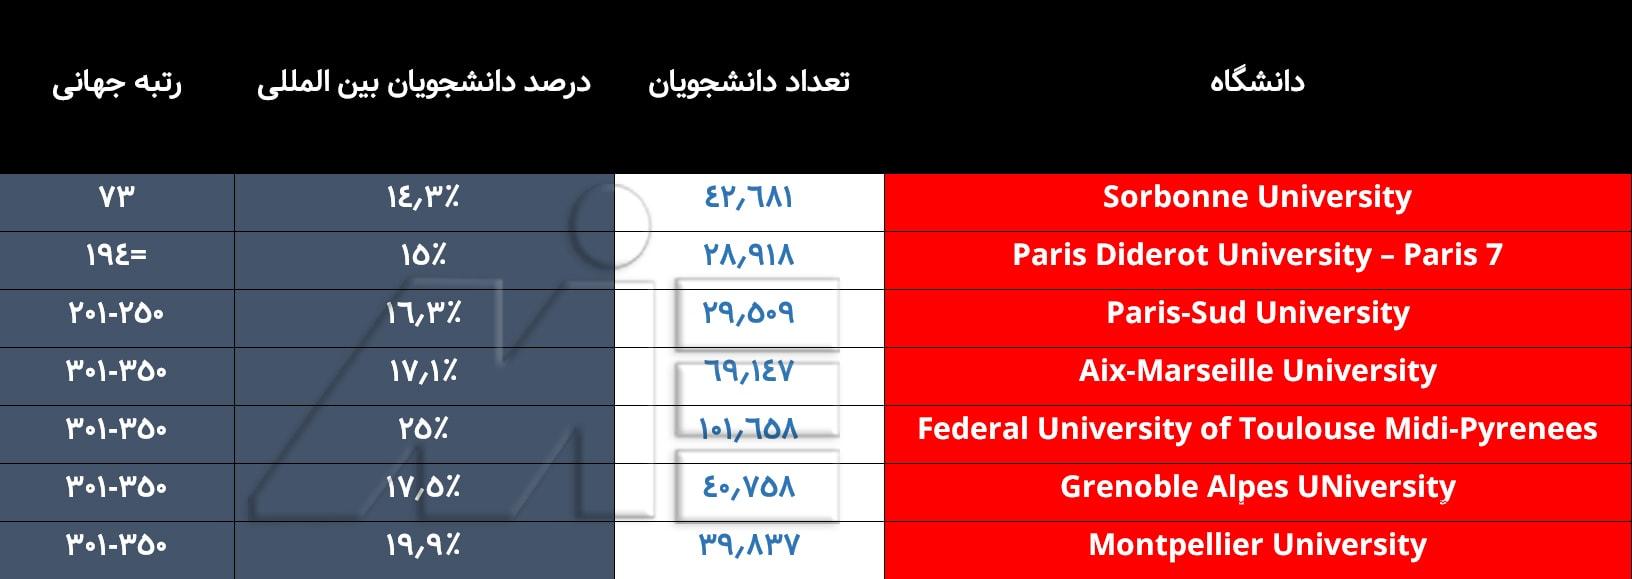 لیست برترین دانشگاههای کشور فرانسه با رنکینگ بین المللی آنها